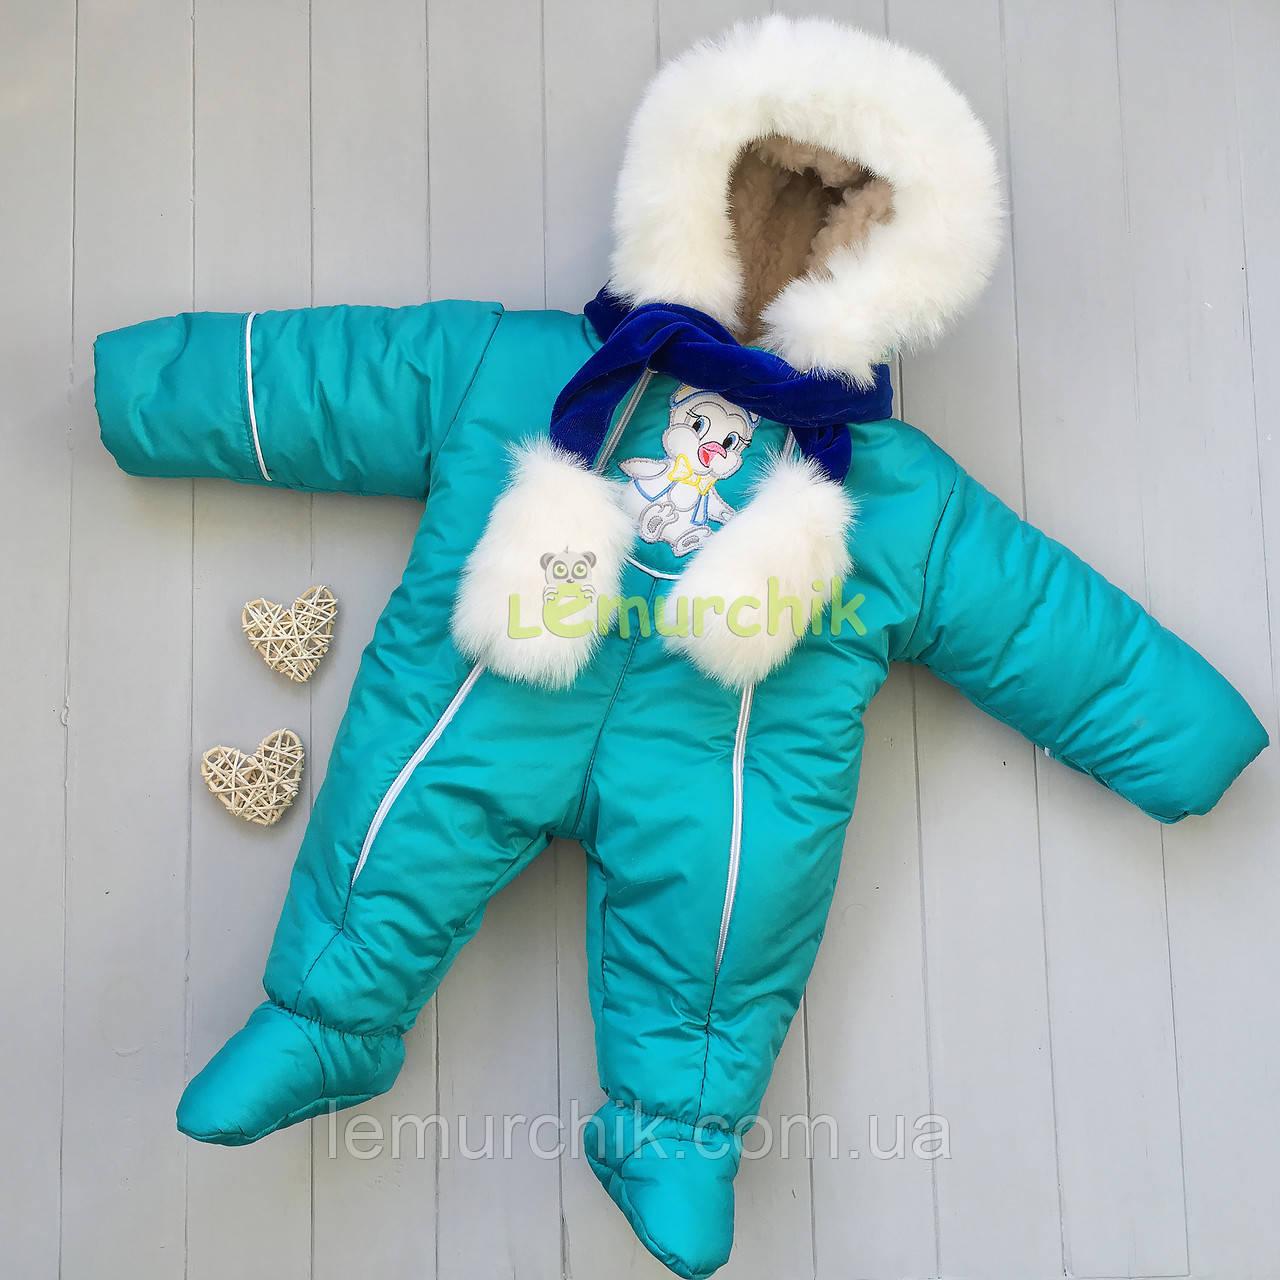 Комбинезон детский теплый на меху с капюшоном бирюзовый 0-5 месяцев